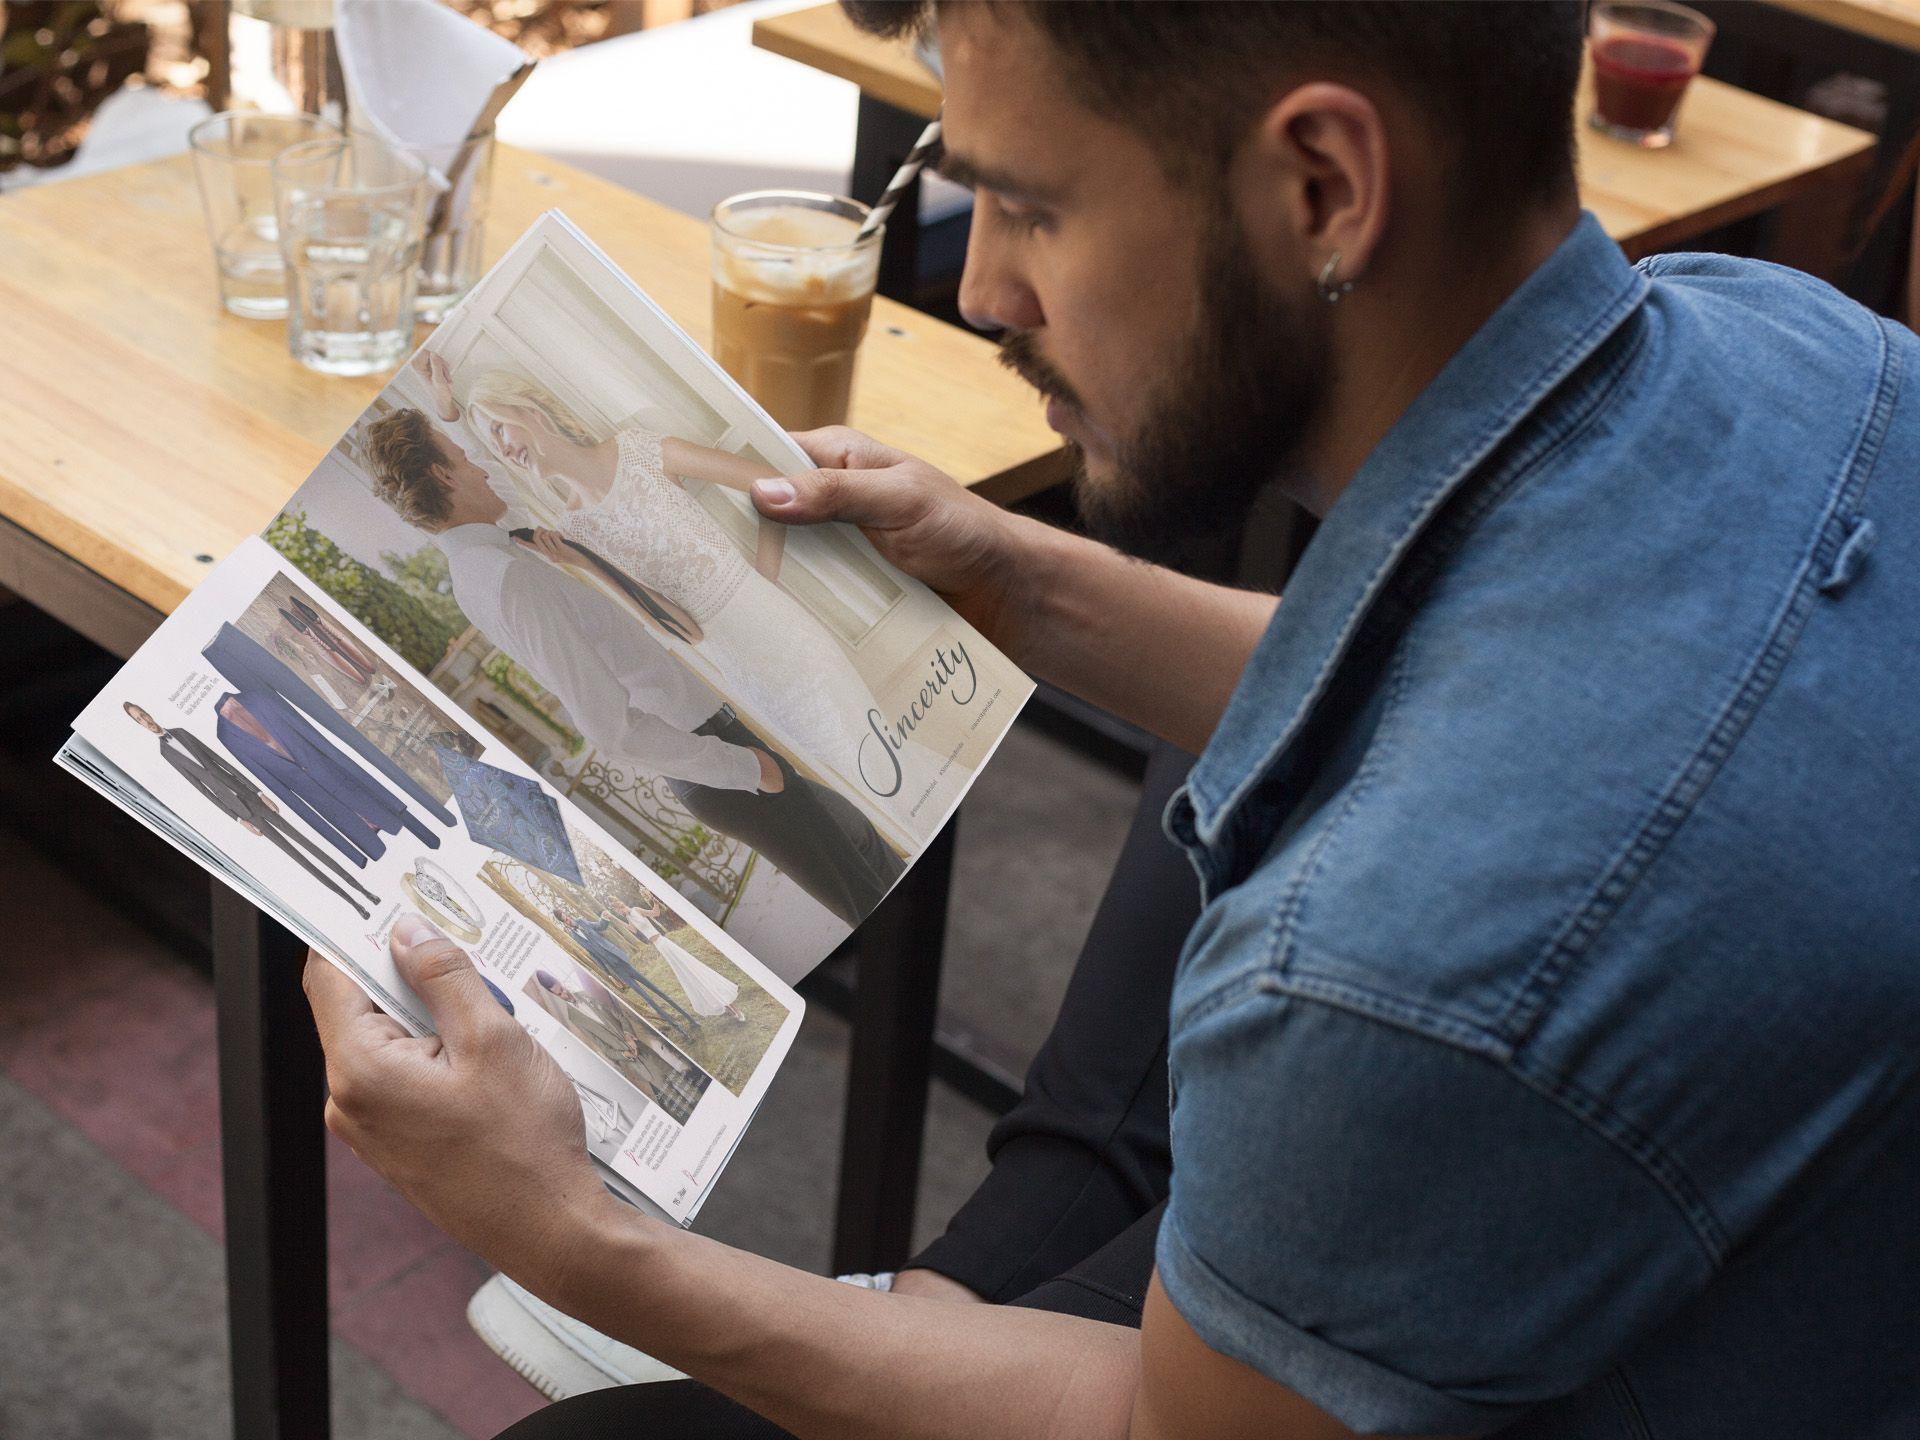 Mies tutkii pukuja Häät-lehdessä 1/2019